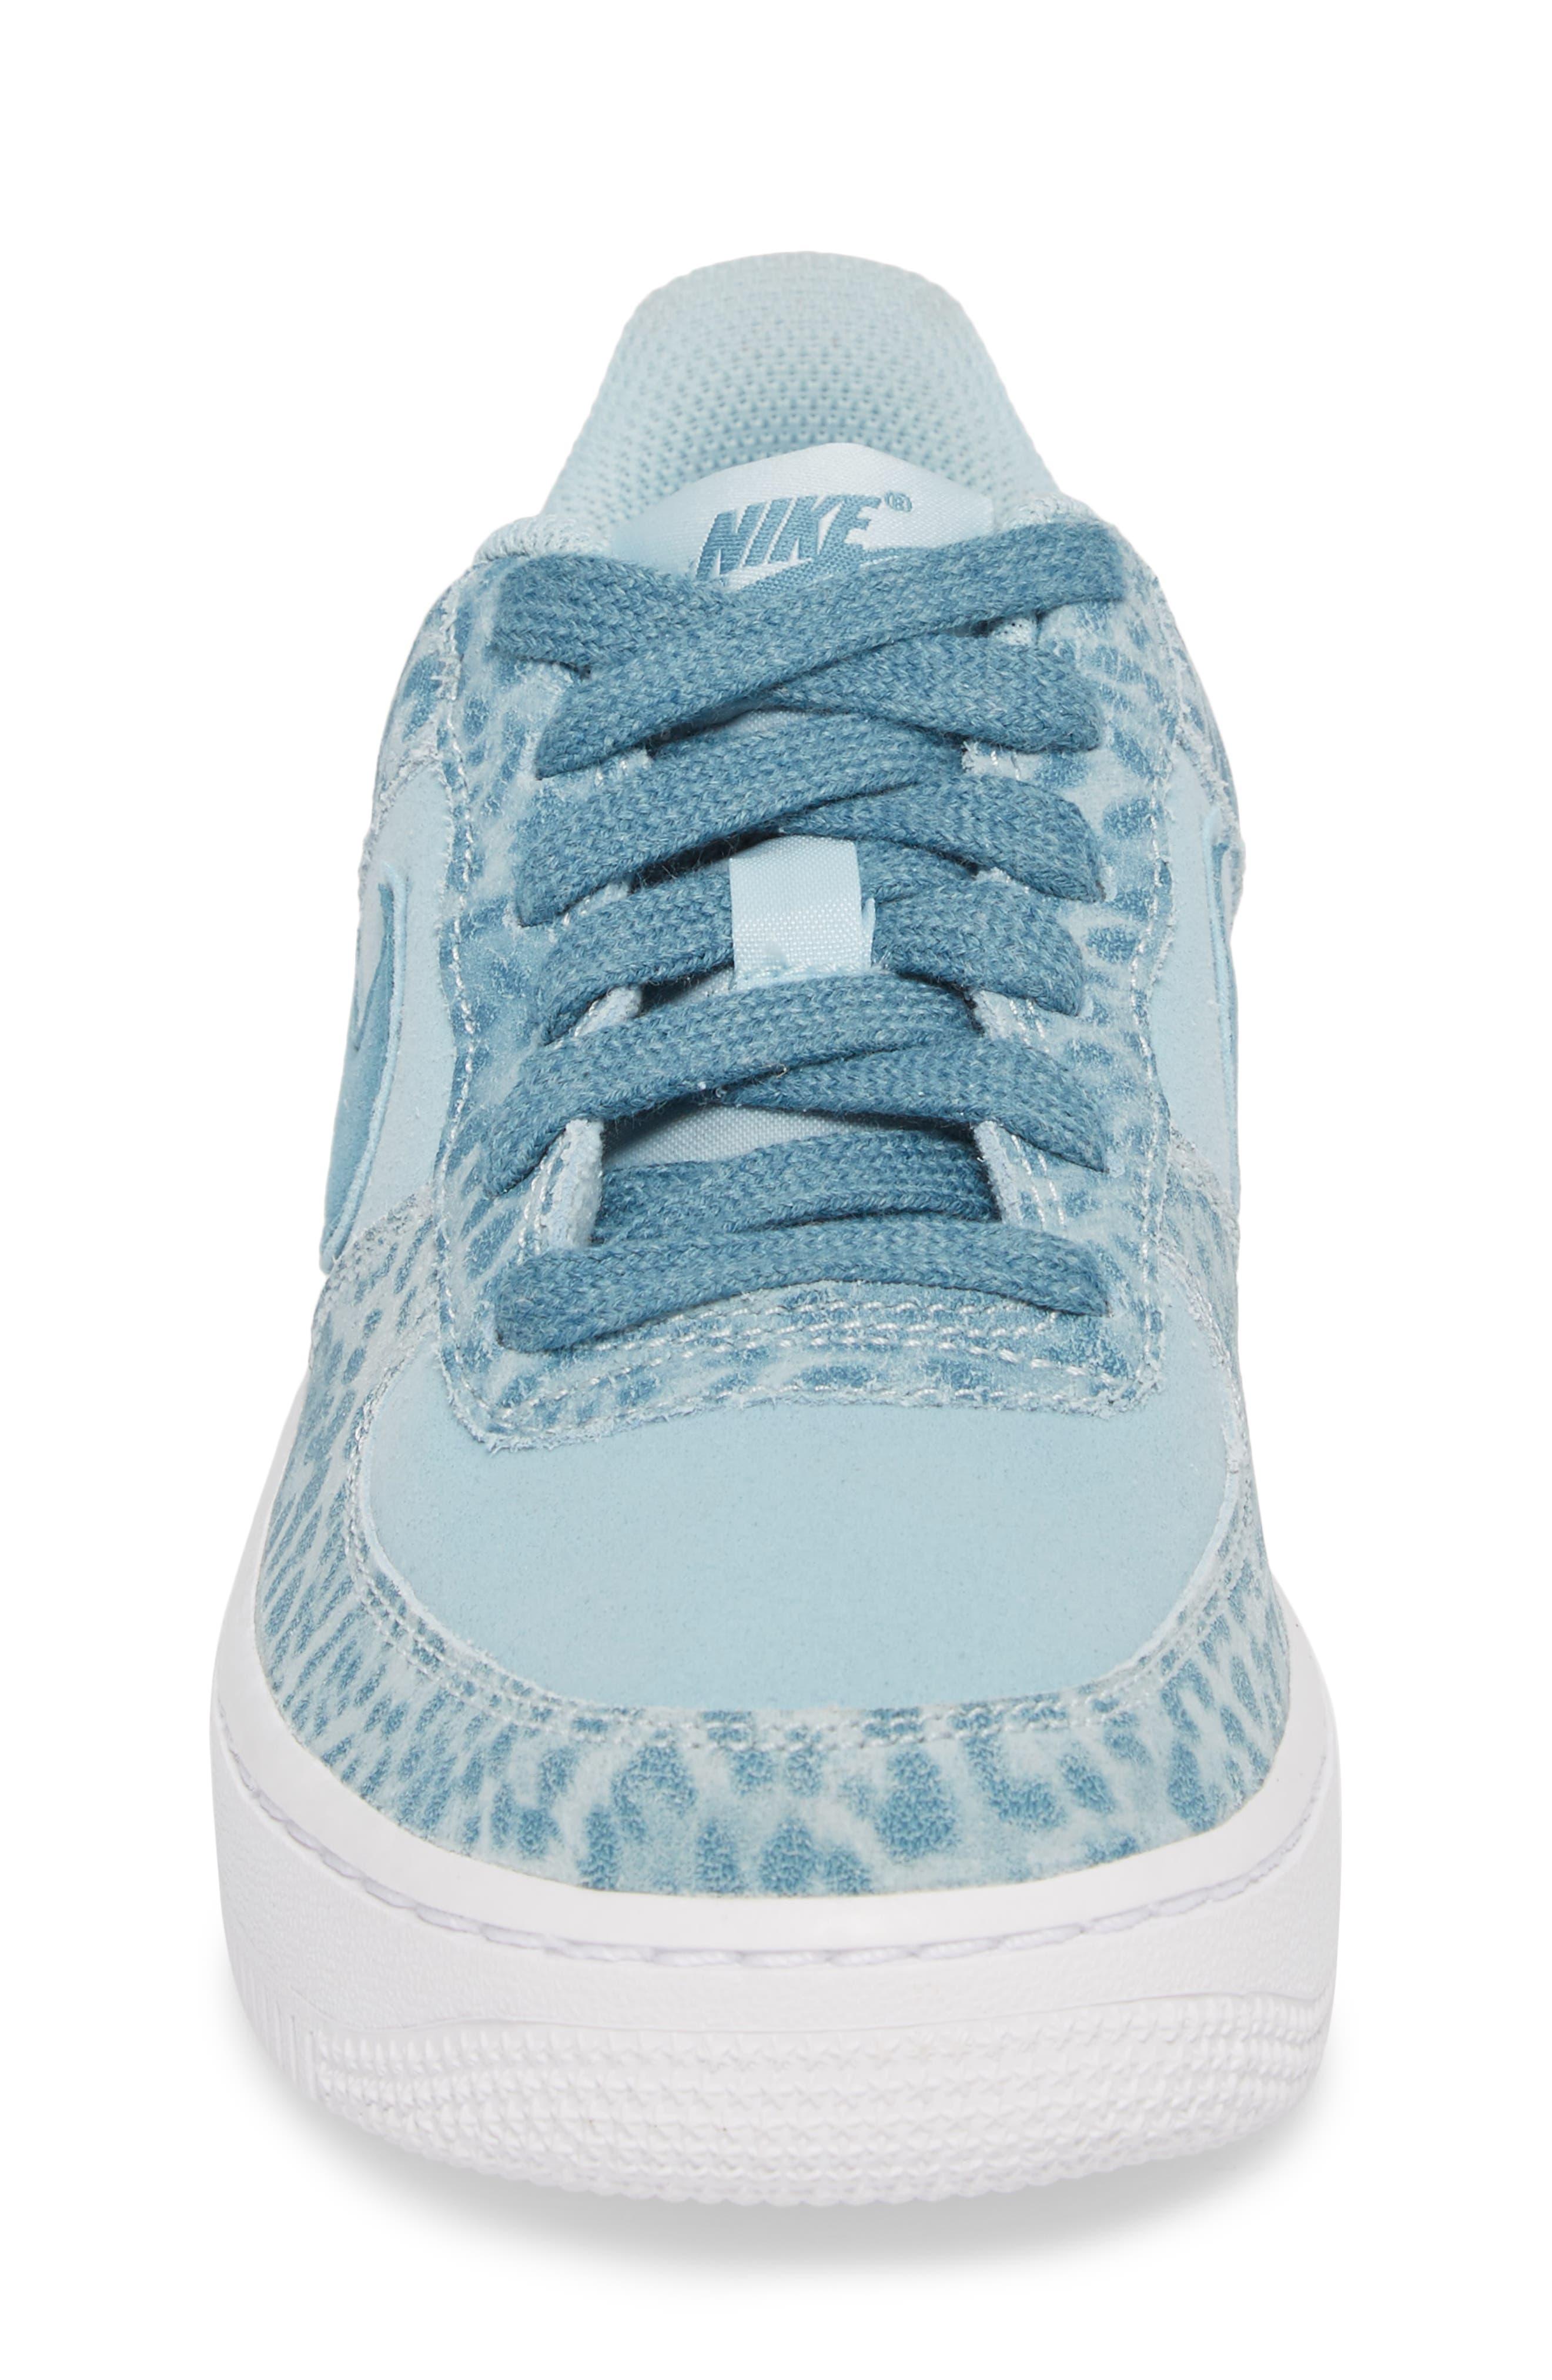 Air Force 1 LV8 Sneaker,                             Alternate thumbnail 4, color,                             Ocean Bliss/ Noise Aqua/ White